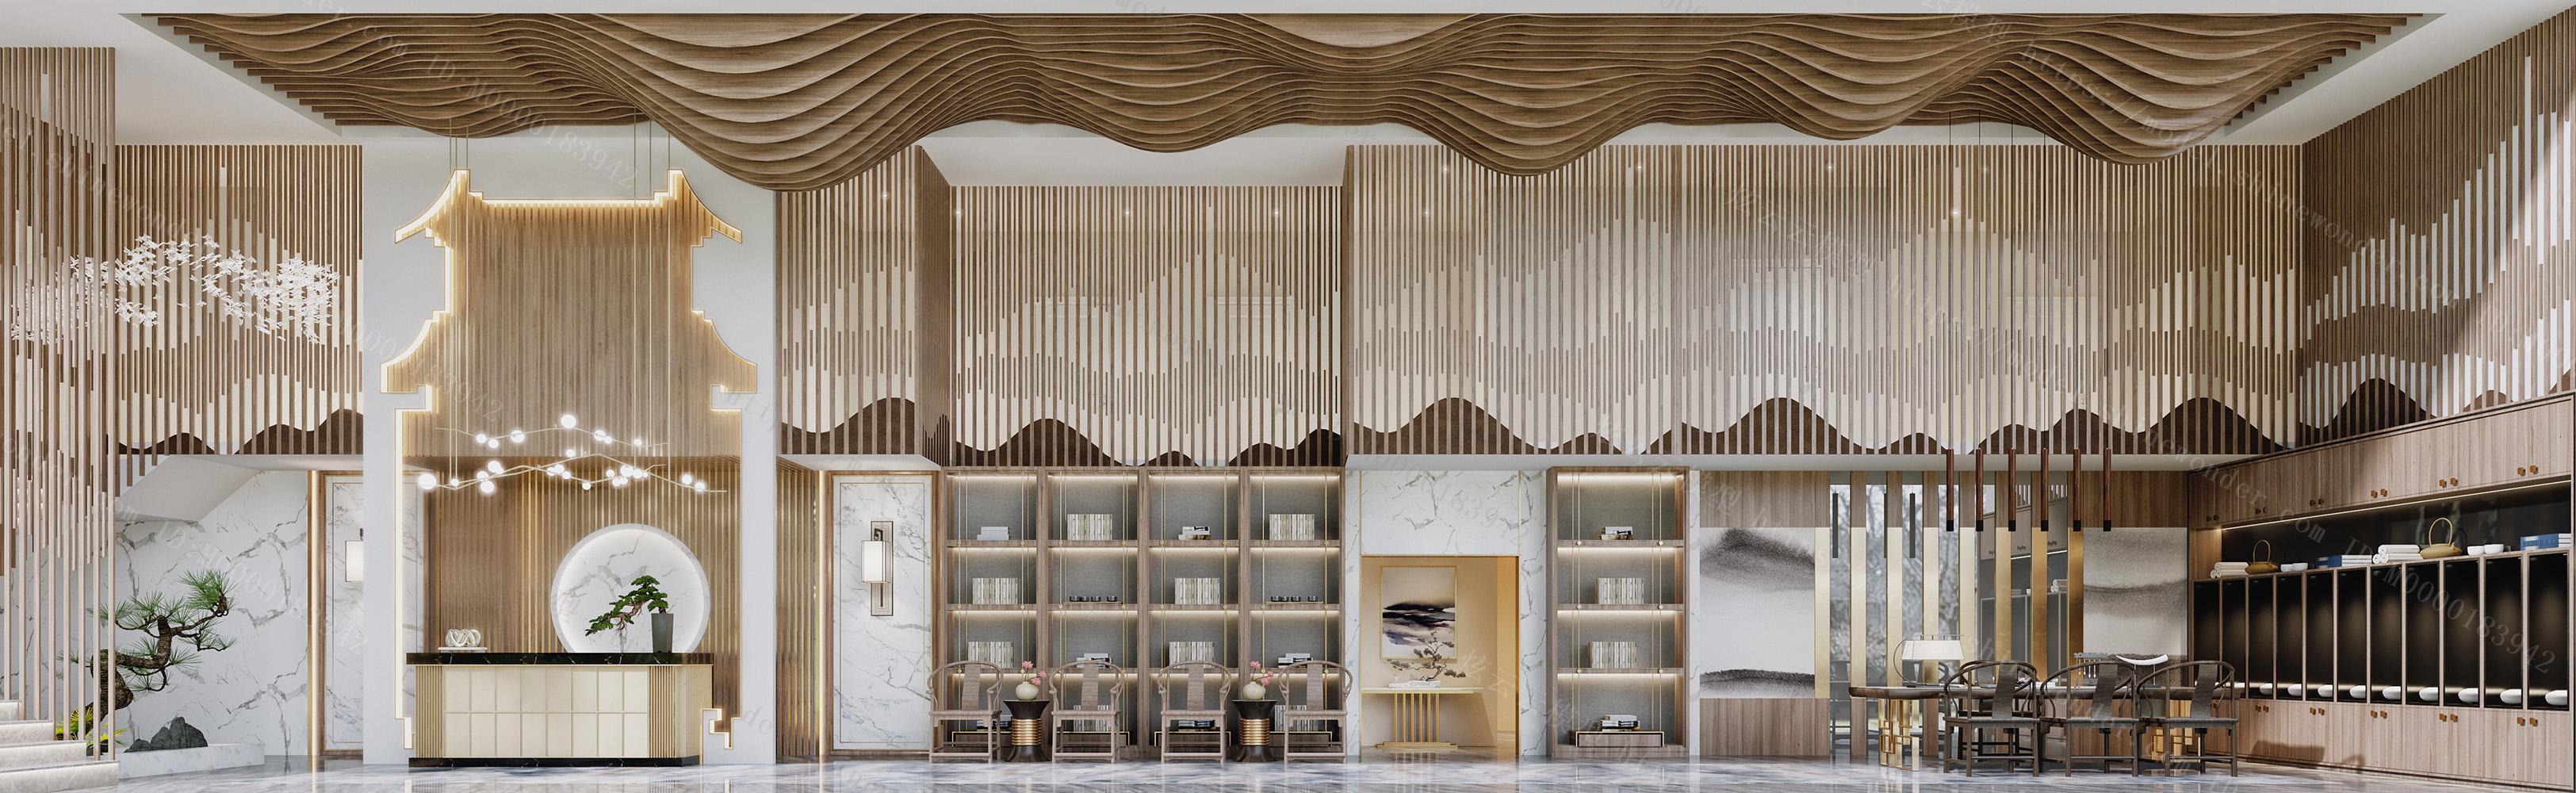 新中式禅意酒店会所大厅前台茶室模型